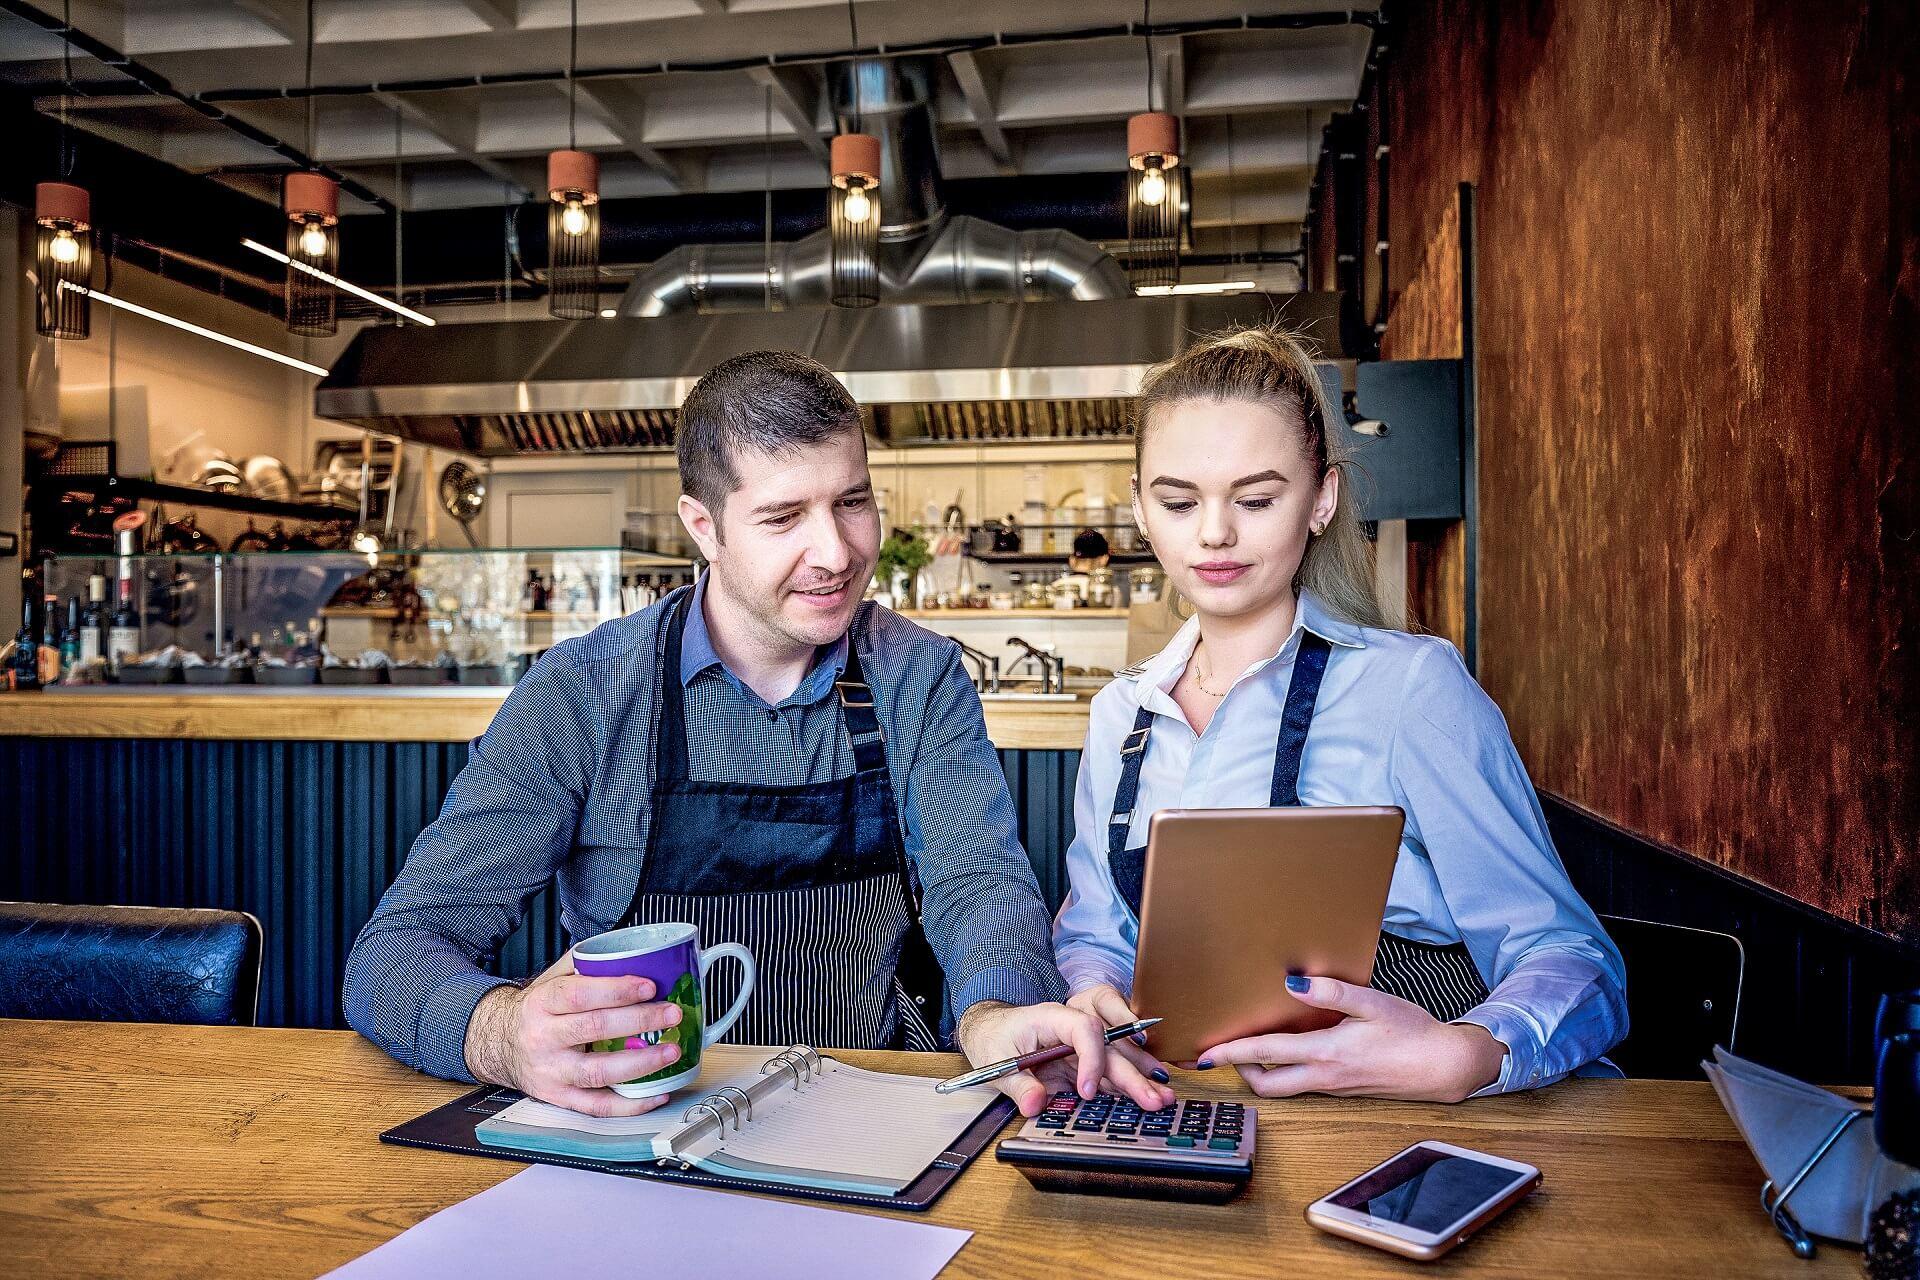 Restaurant Einnahmen steigen wieder nach Corona